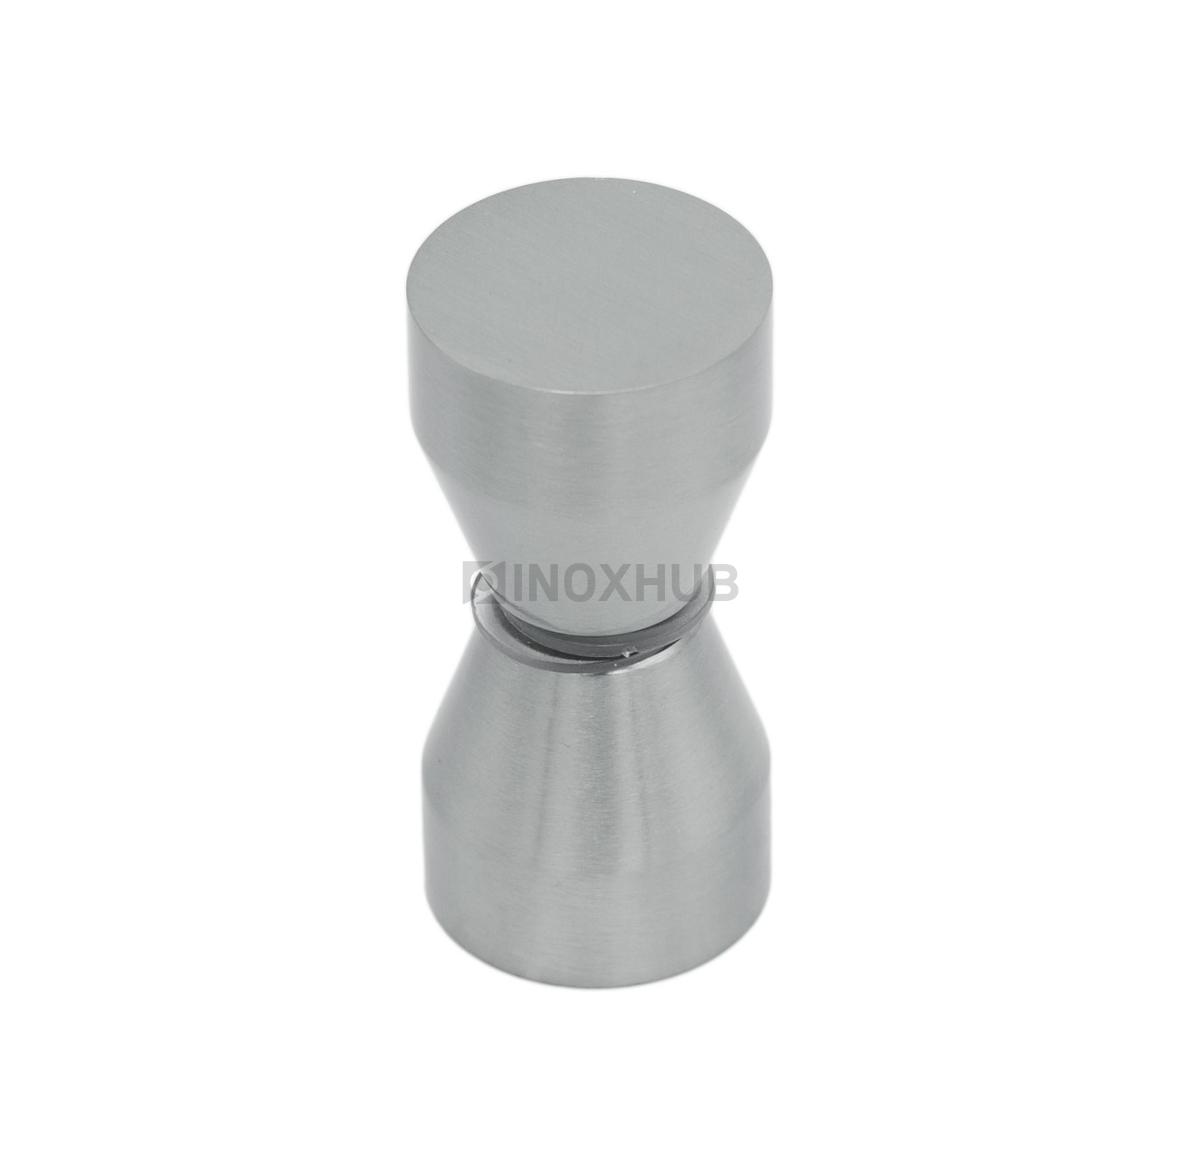 Кноб (693 SC)  стекло 6.0-12.0 мм хром матовый